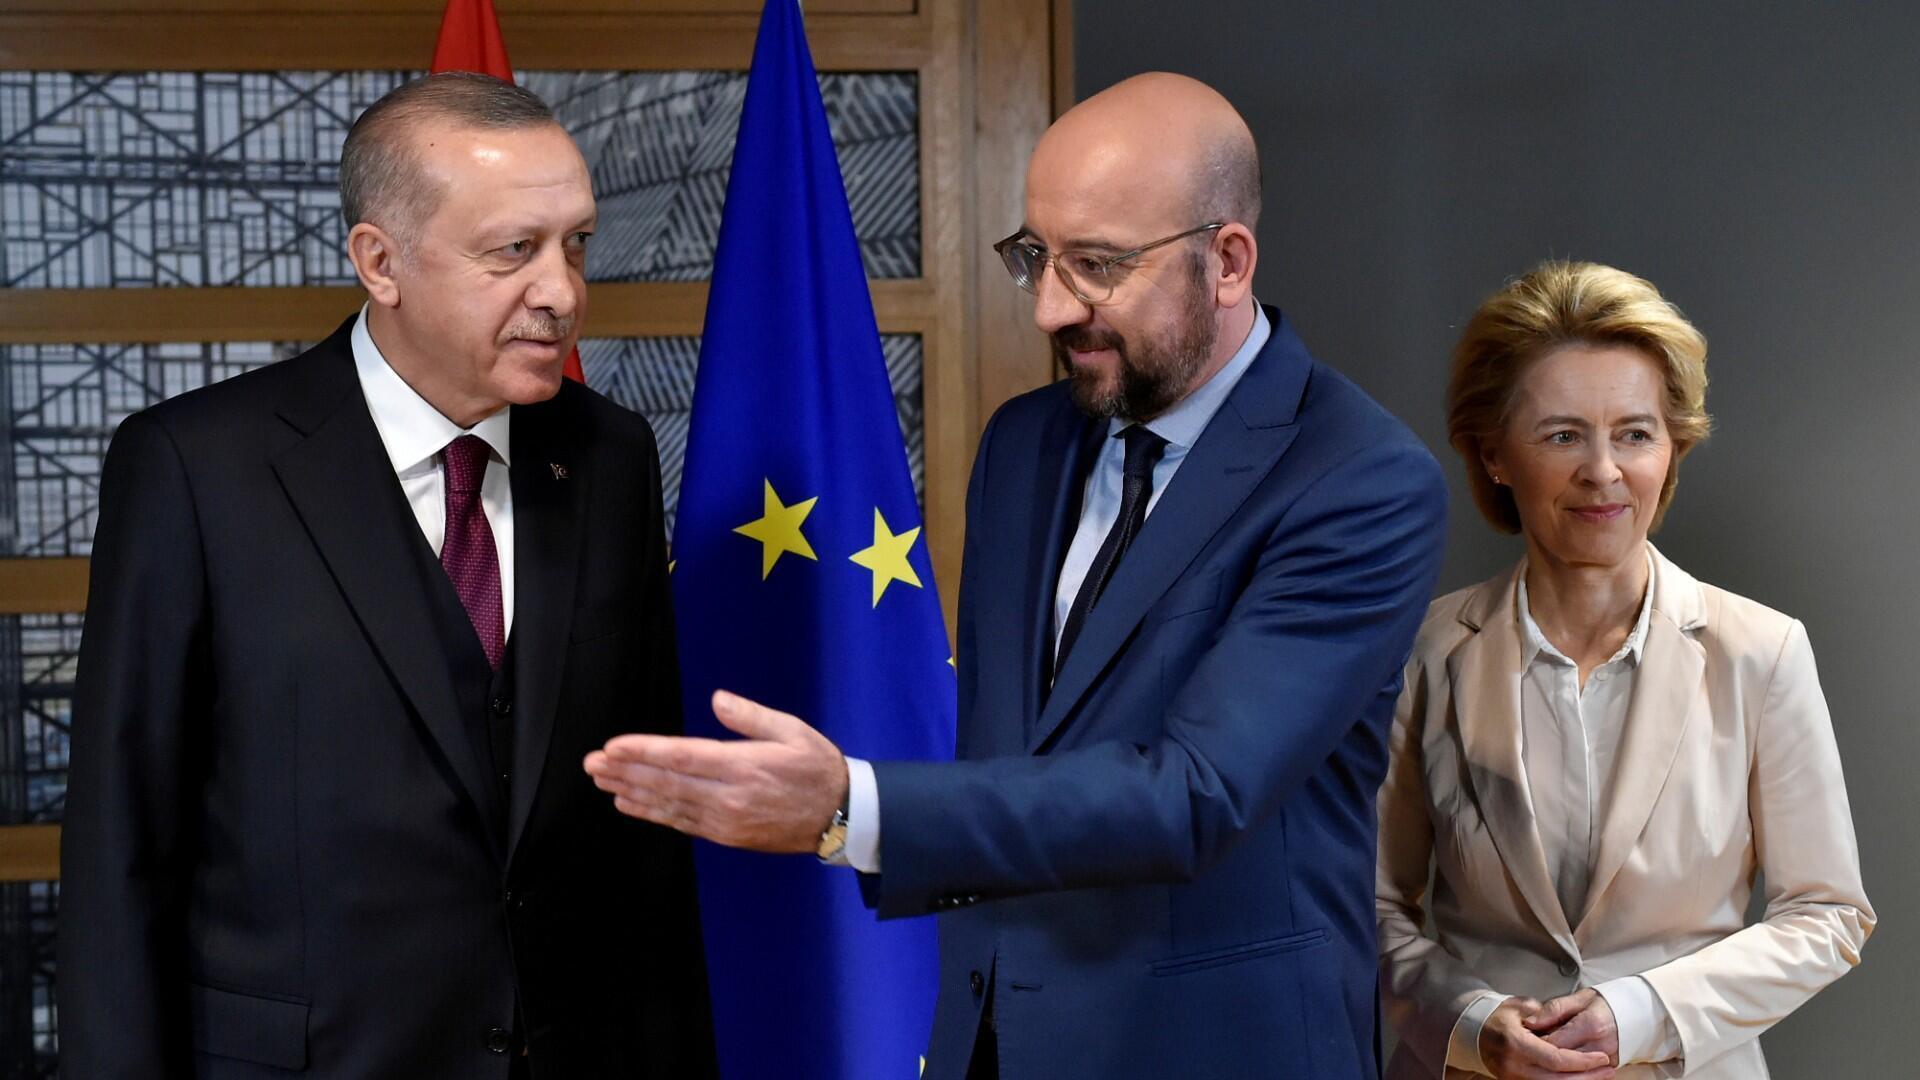 El presidente del Consejo de la UE, Charles Michel (C) y la presidenta de la Comisión Europea, Ursula von der Leyen (R), dan la bienvenida al presidente turco, Tayyip Erdogan (L), antes de su reunión en la sede de la UE en Bruselas, Bélgica, el 9 de marzo de 2020.